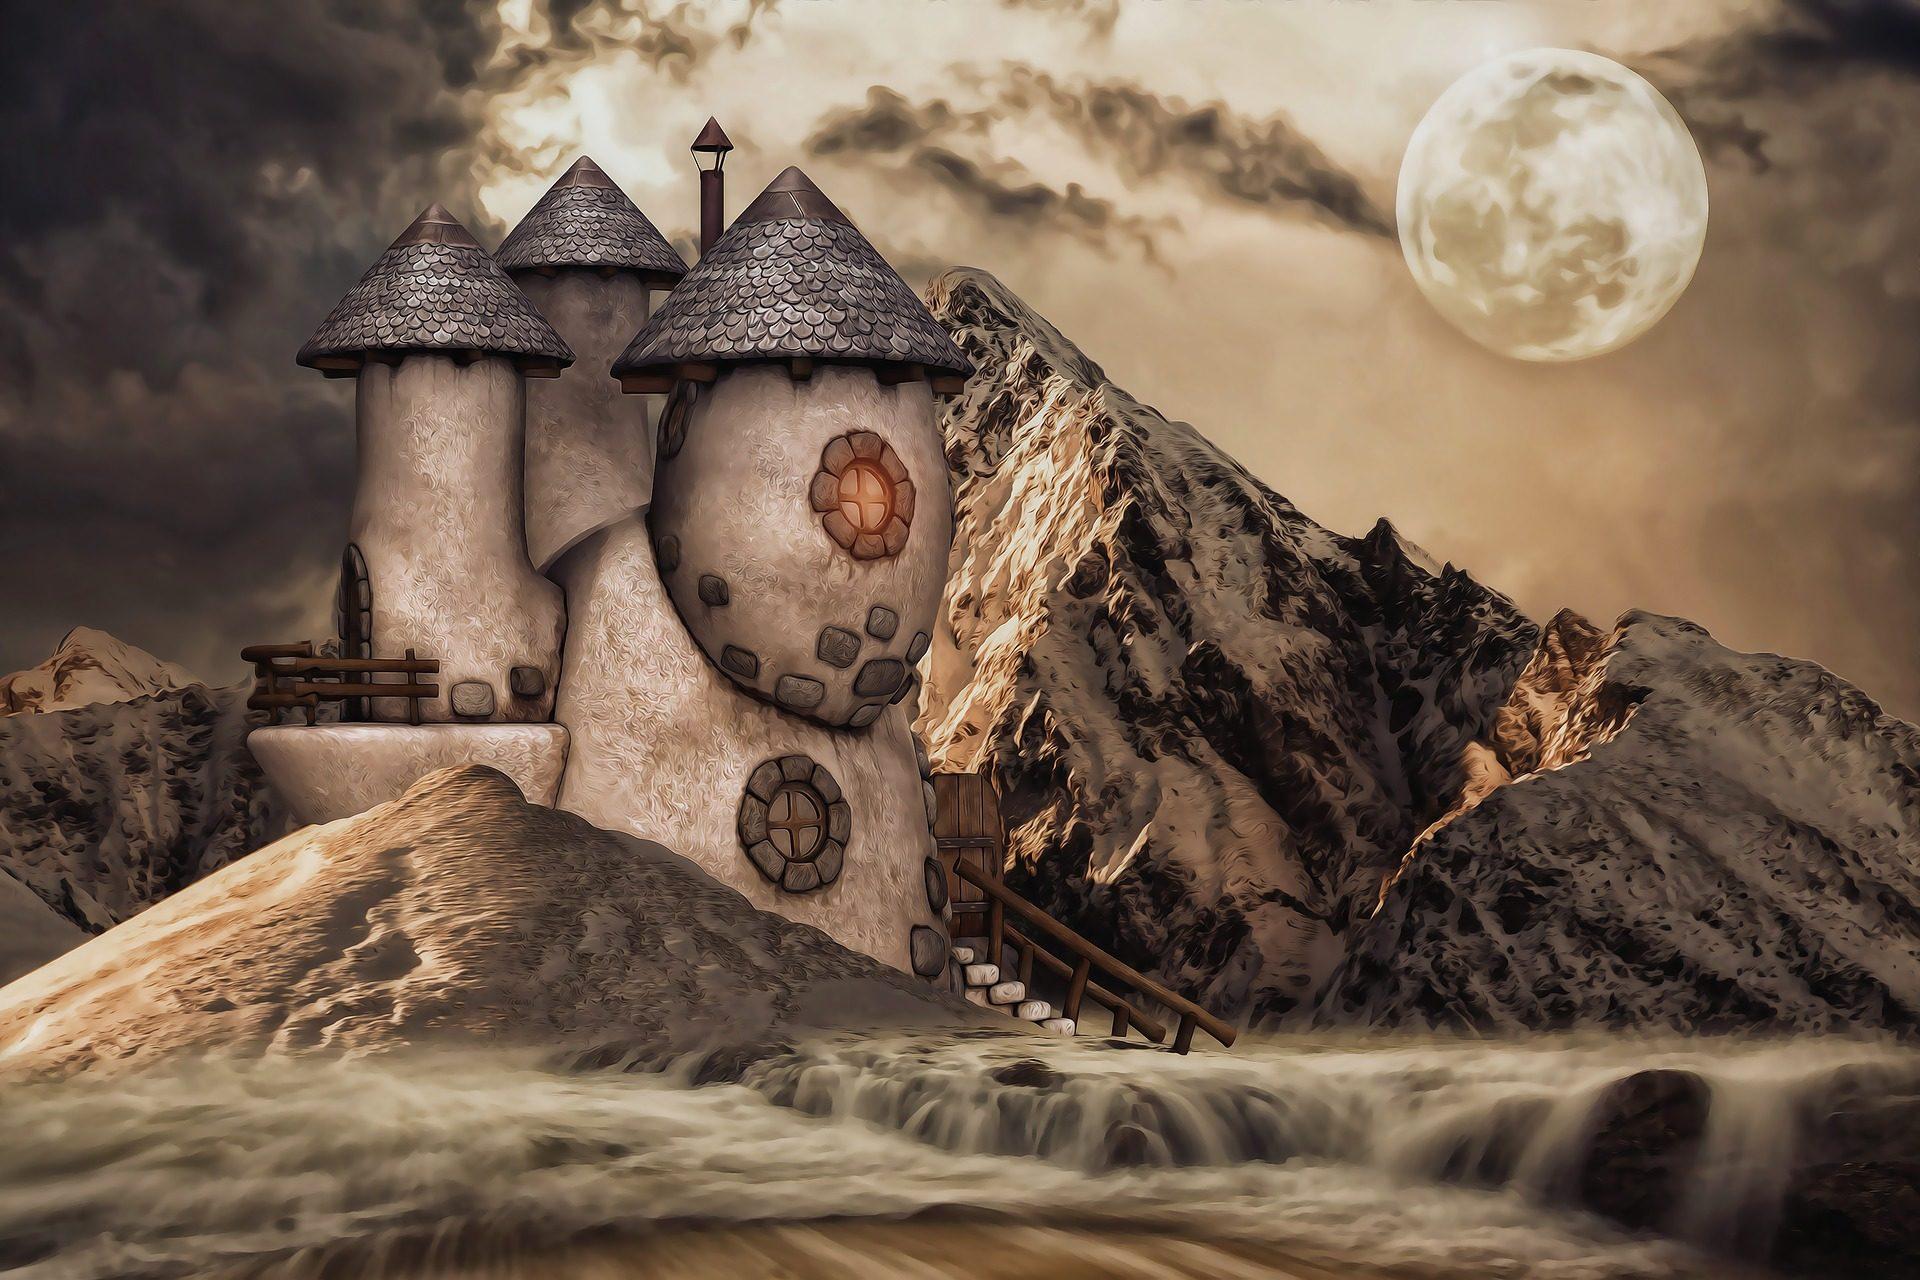 城, モンタナス, 月, 夜, 暗闇の中, 暗い - HD の壁紙 - 教授-falken.com